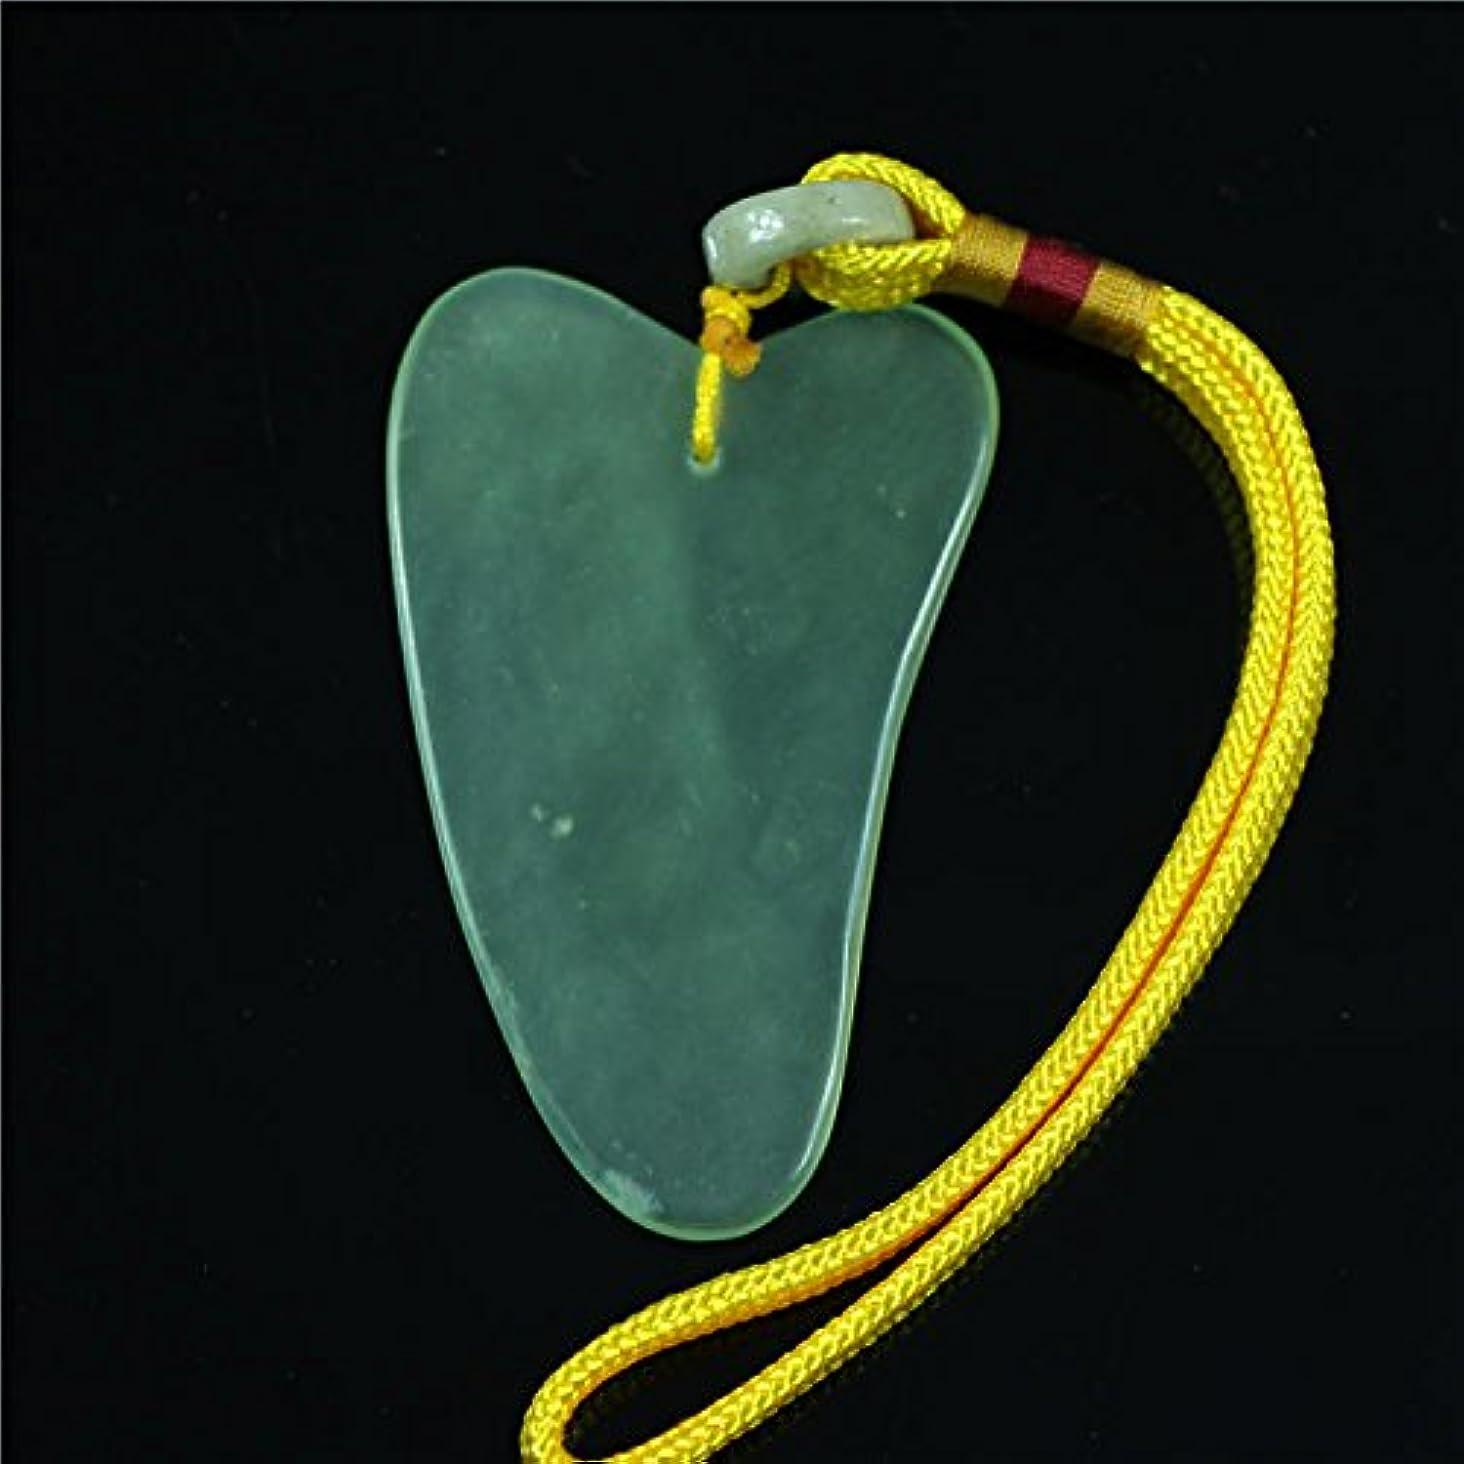 分離子供っぽい練習したFace / Body Massage Natural Jade Boardかっさプレート 天然石 翡翠(顔?ボディのリンパマッサージ) (かっさプレートH)